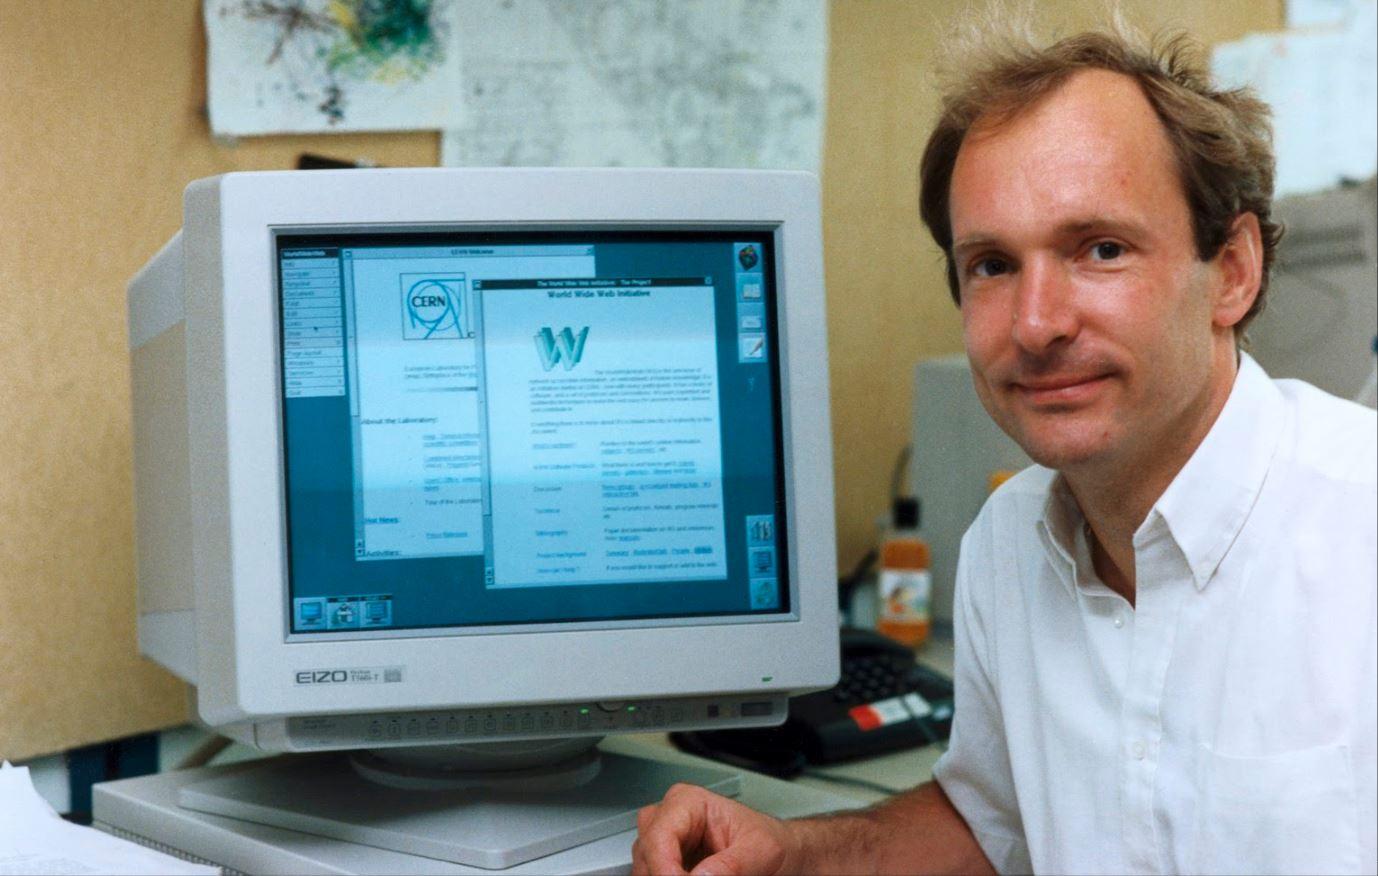 Tim Berners-Lee inventó la WWW en 1989. Buscaba que los científicos puedan compartir con mayor facilidad datos de sus experimentos.